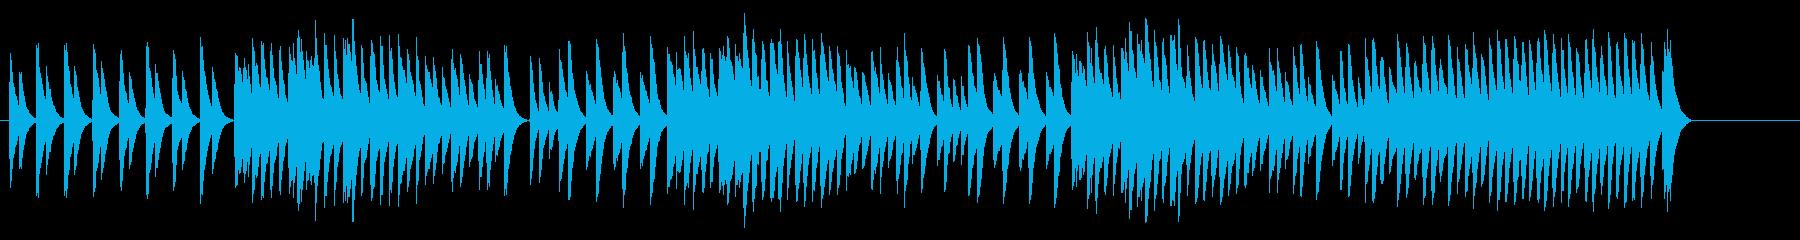 3拍子のオルゴール子守唄の再生済みの波形